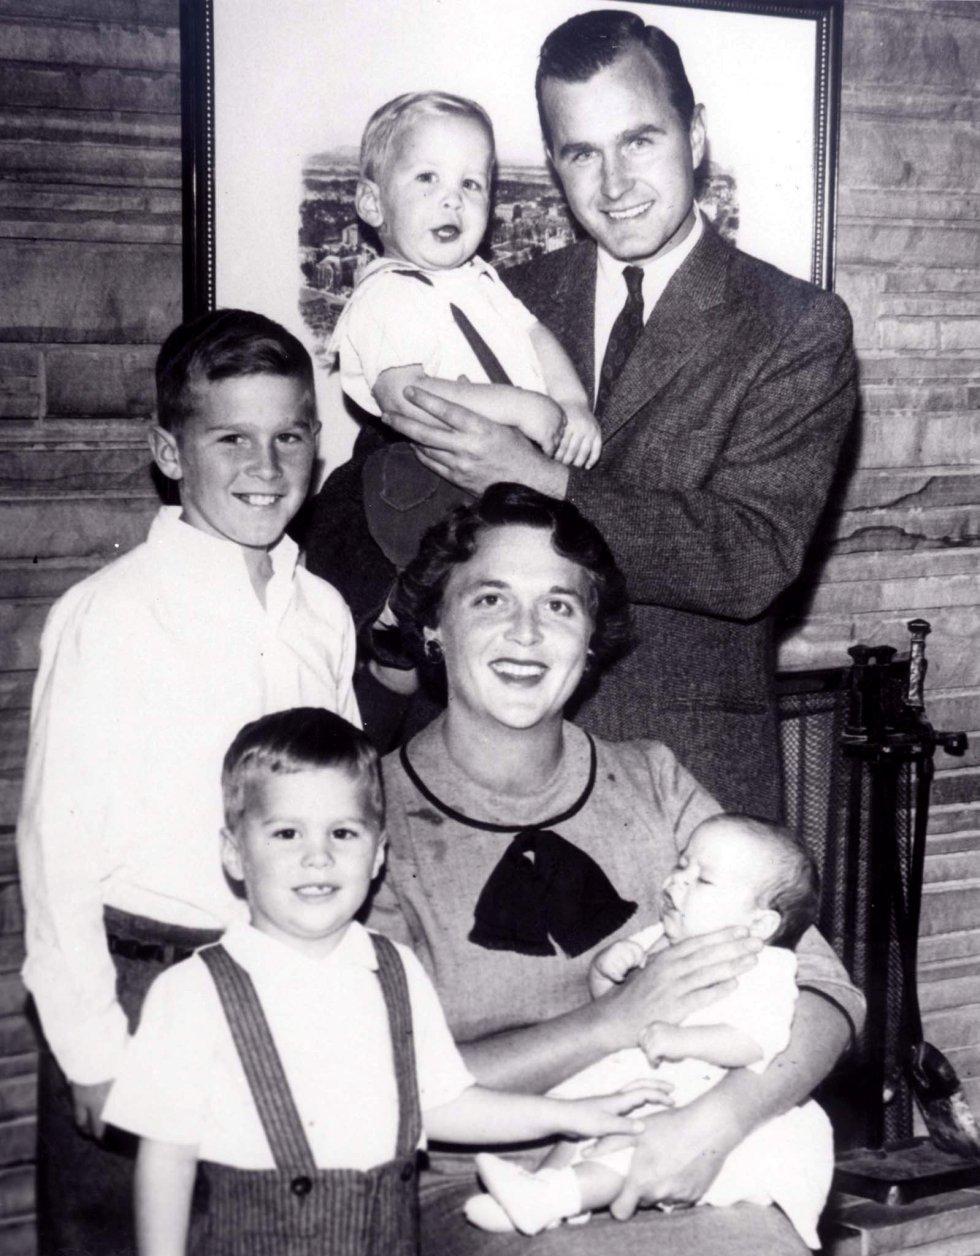 La familia Bush al completo en 1956